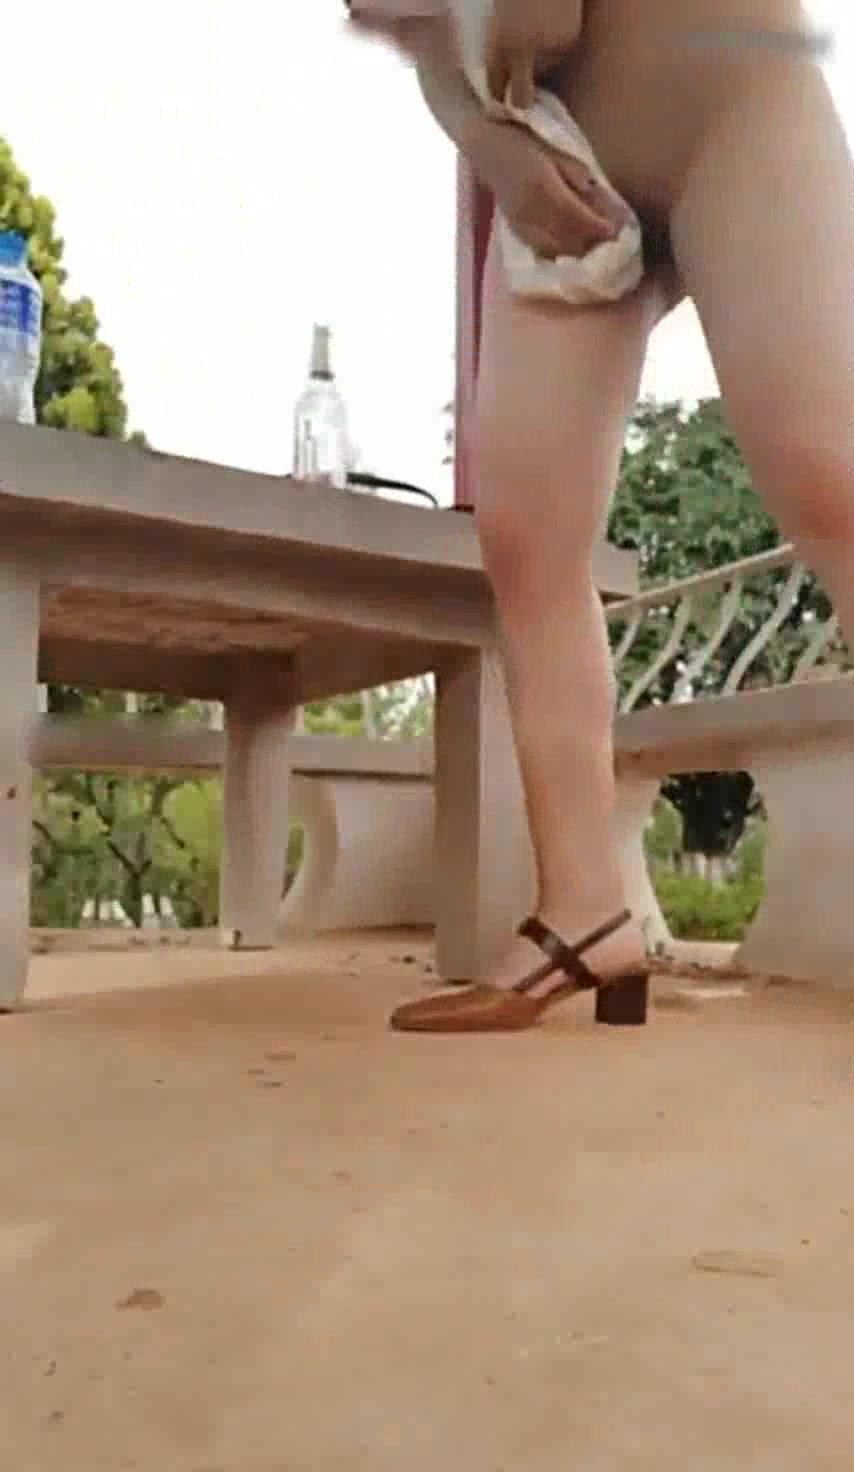 极品鲍鱼白虎美女主播约网友一起在主题公园直播啪啪,这美穴太吸引人了,被男的干的受不了蹲那不给干了!国语